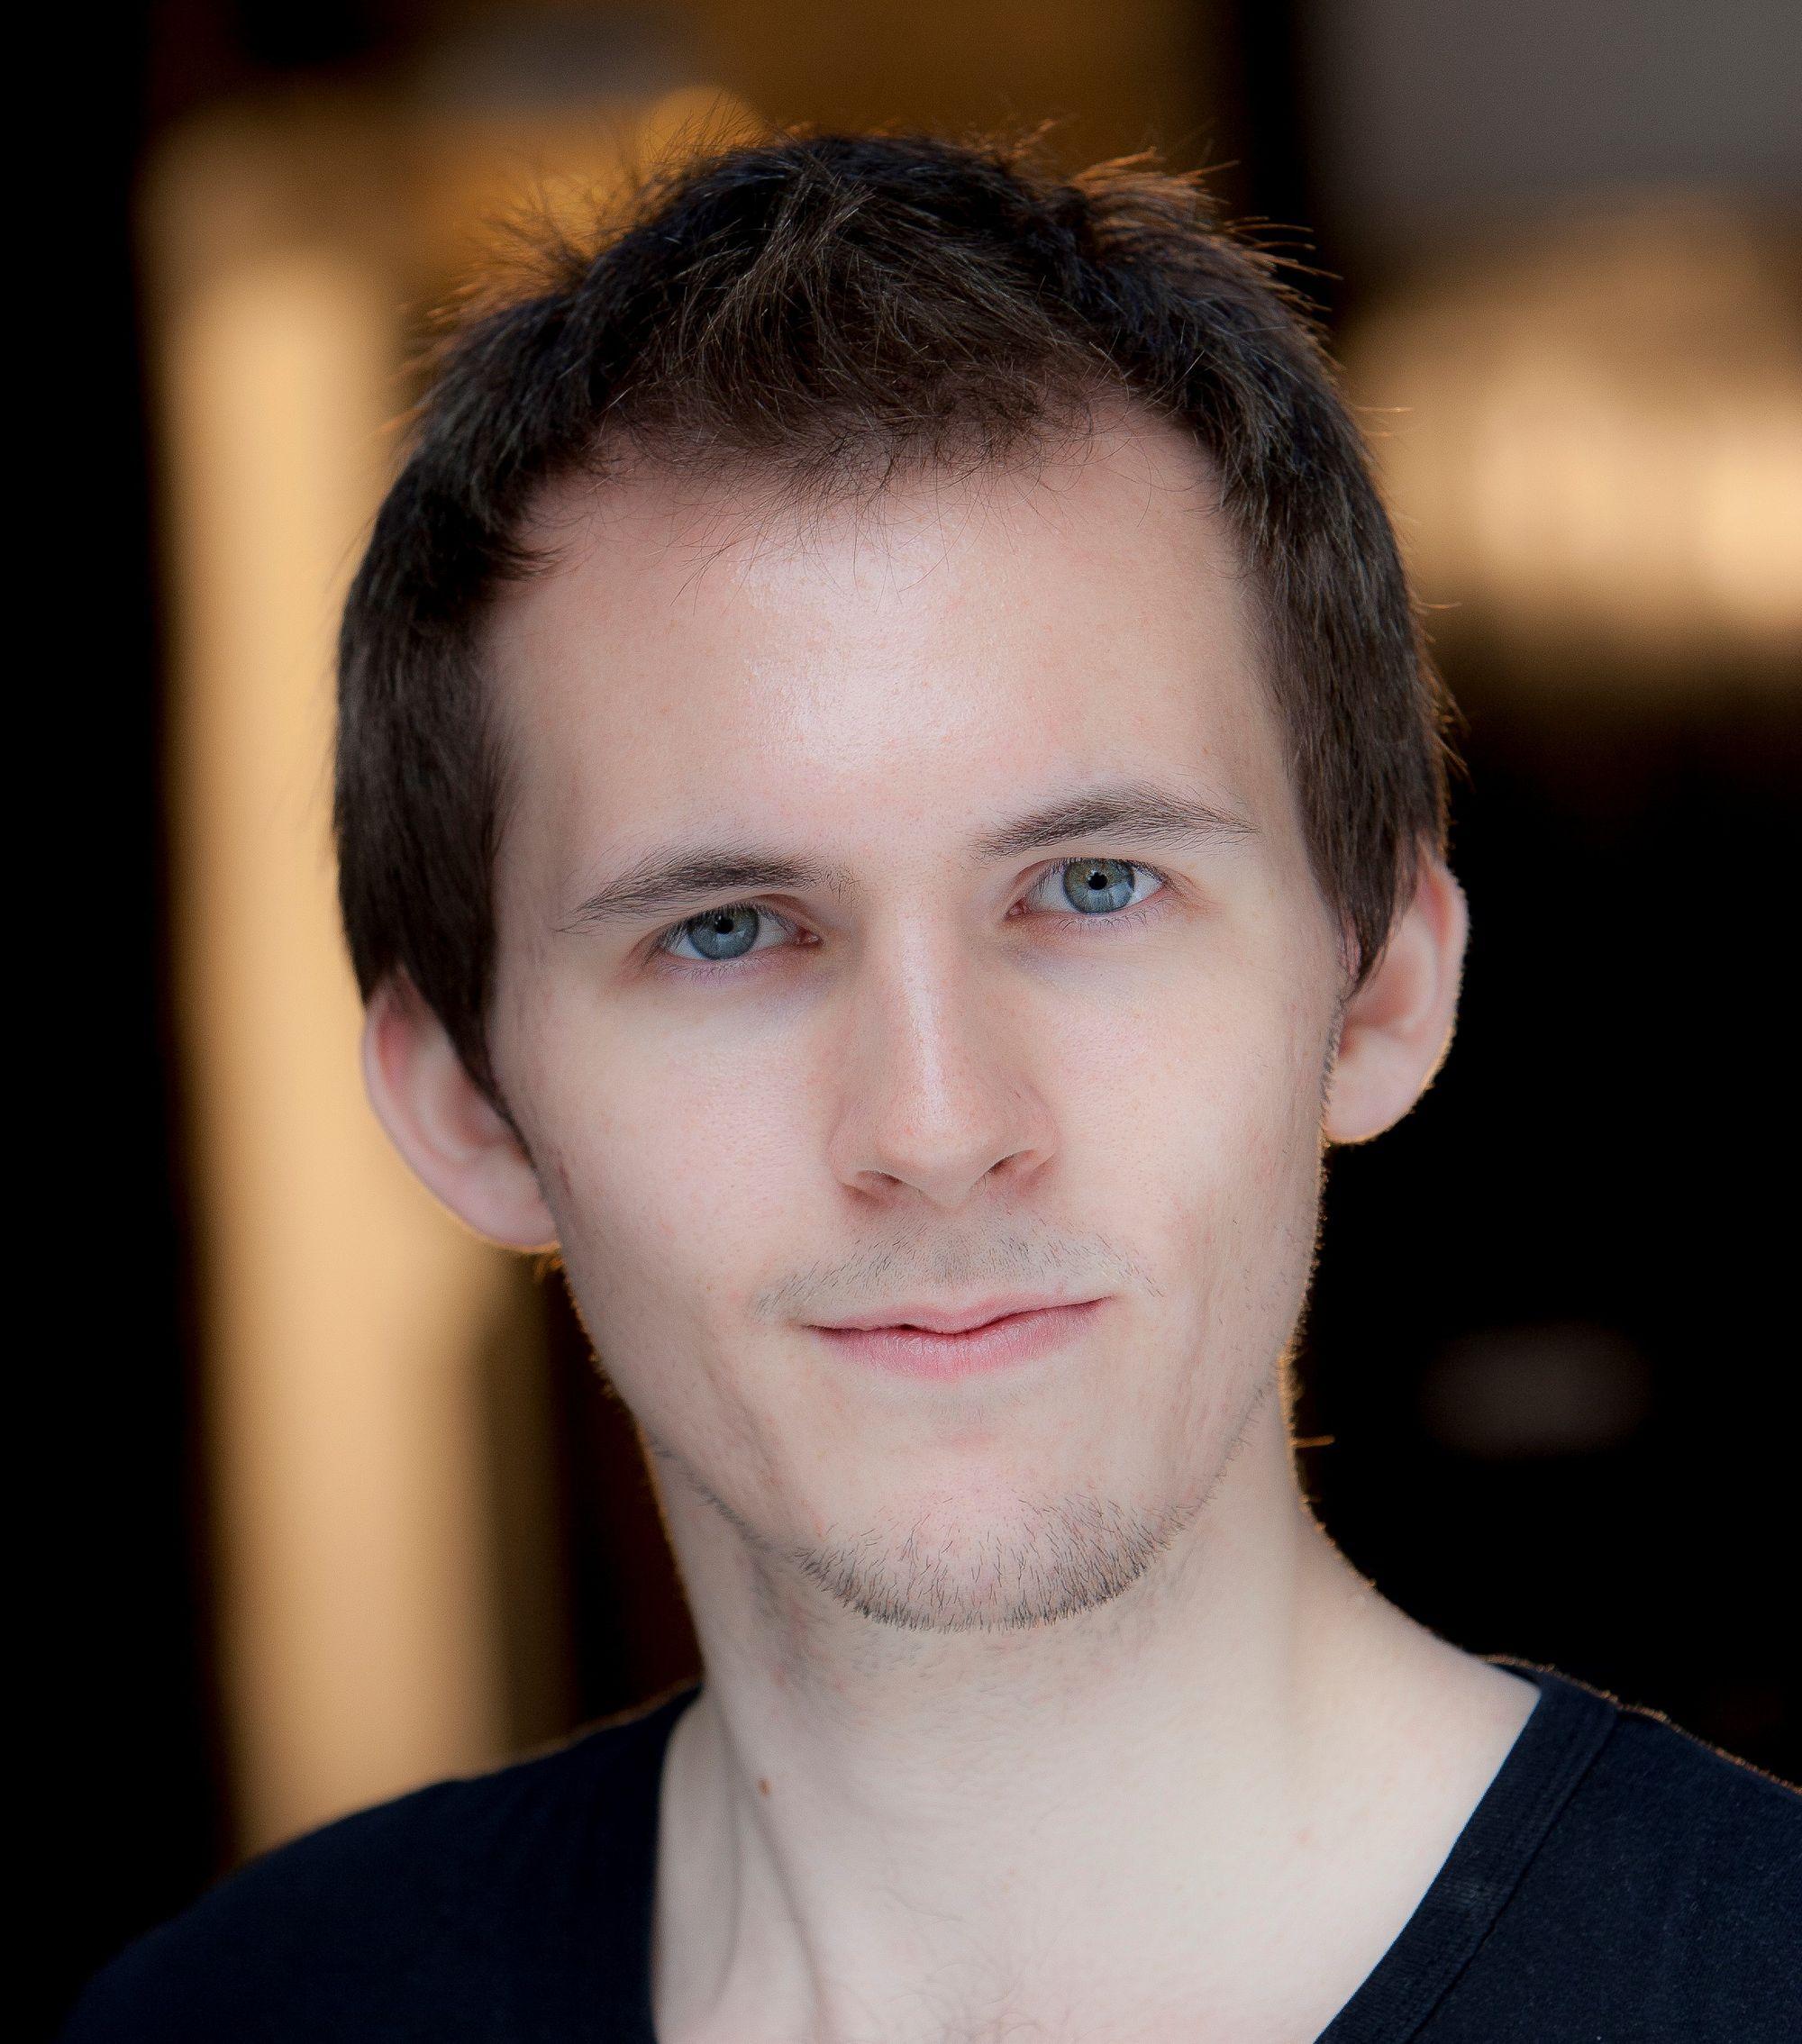 Alistair Faiers